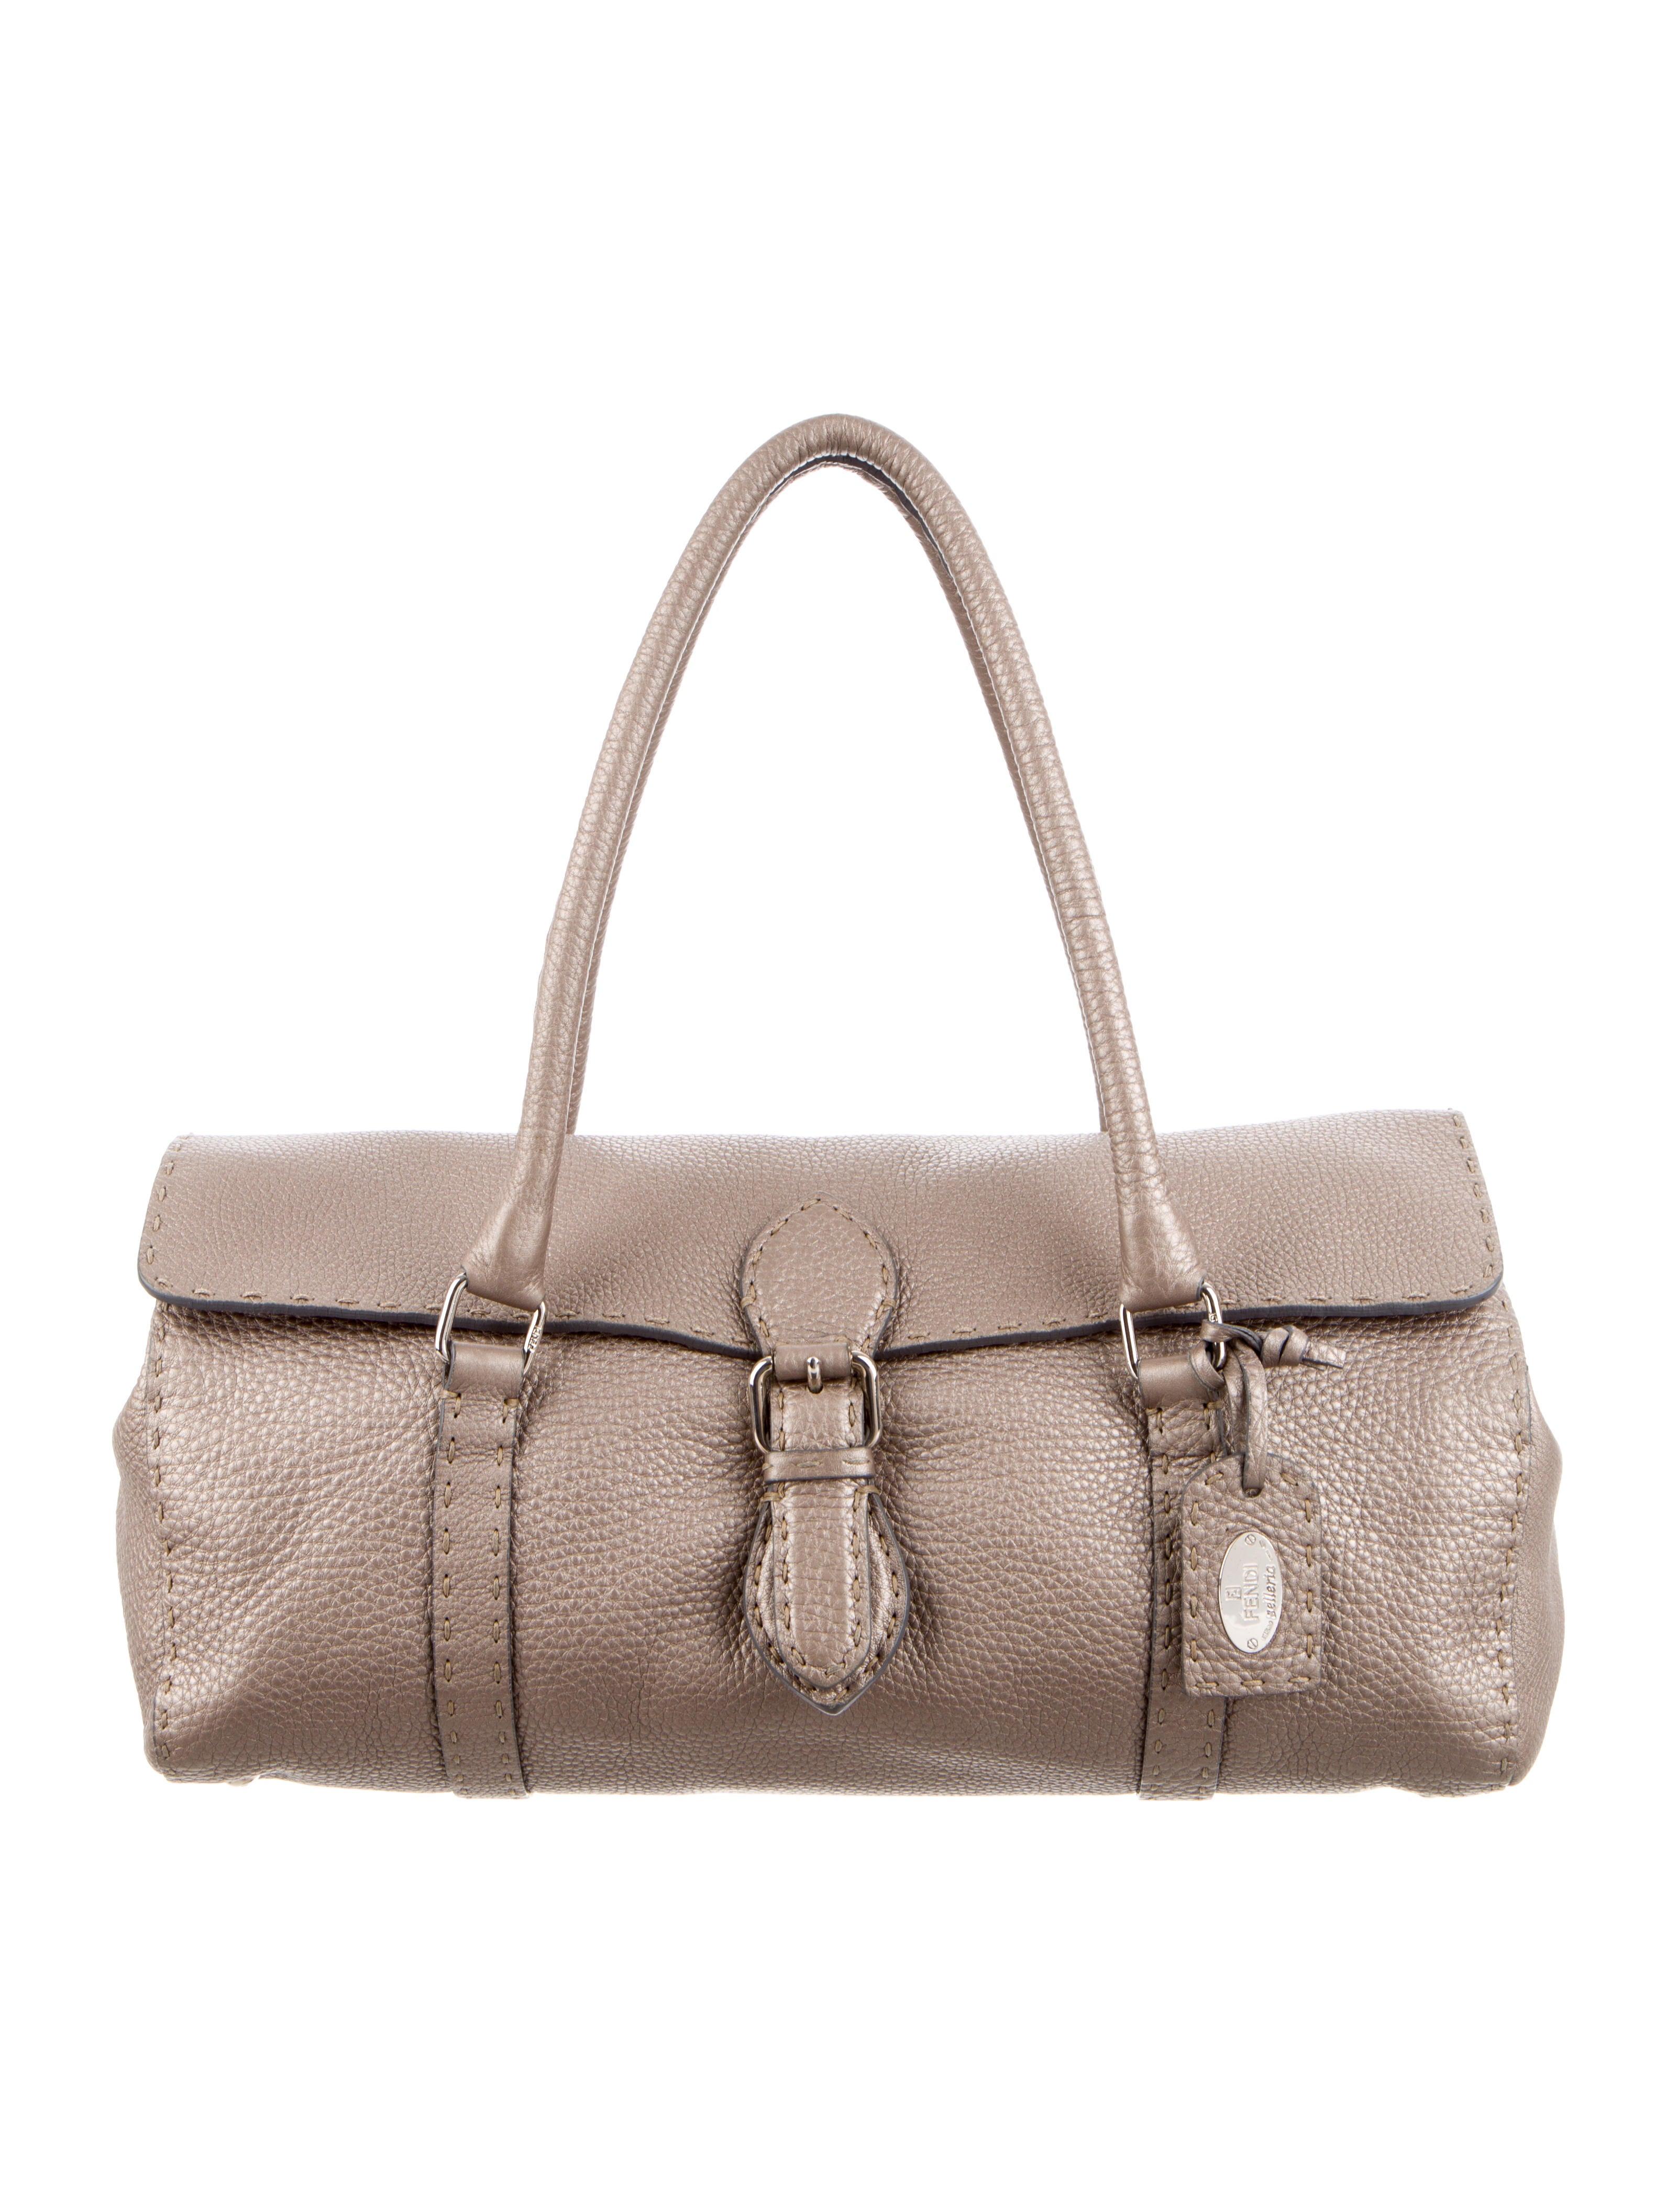 094f5a7f7cab Fendi Linda Selleria Bag - Handbags - FEN86991